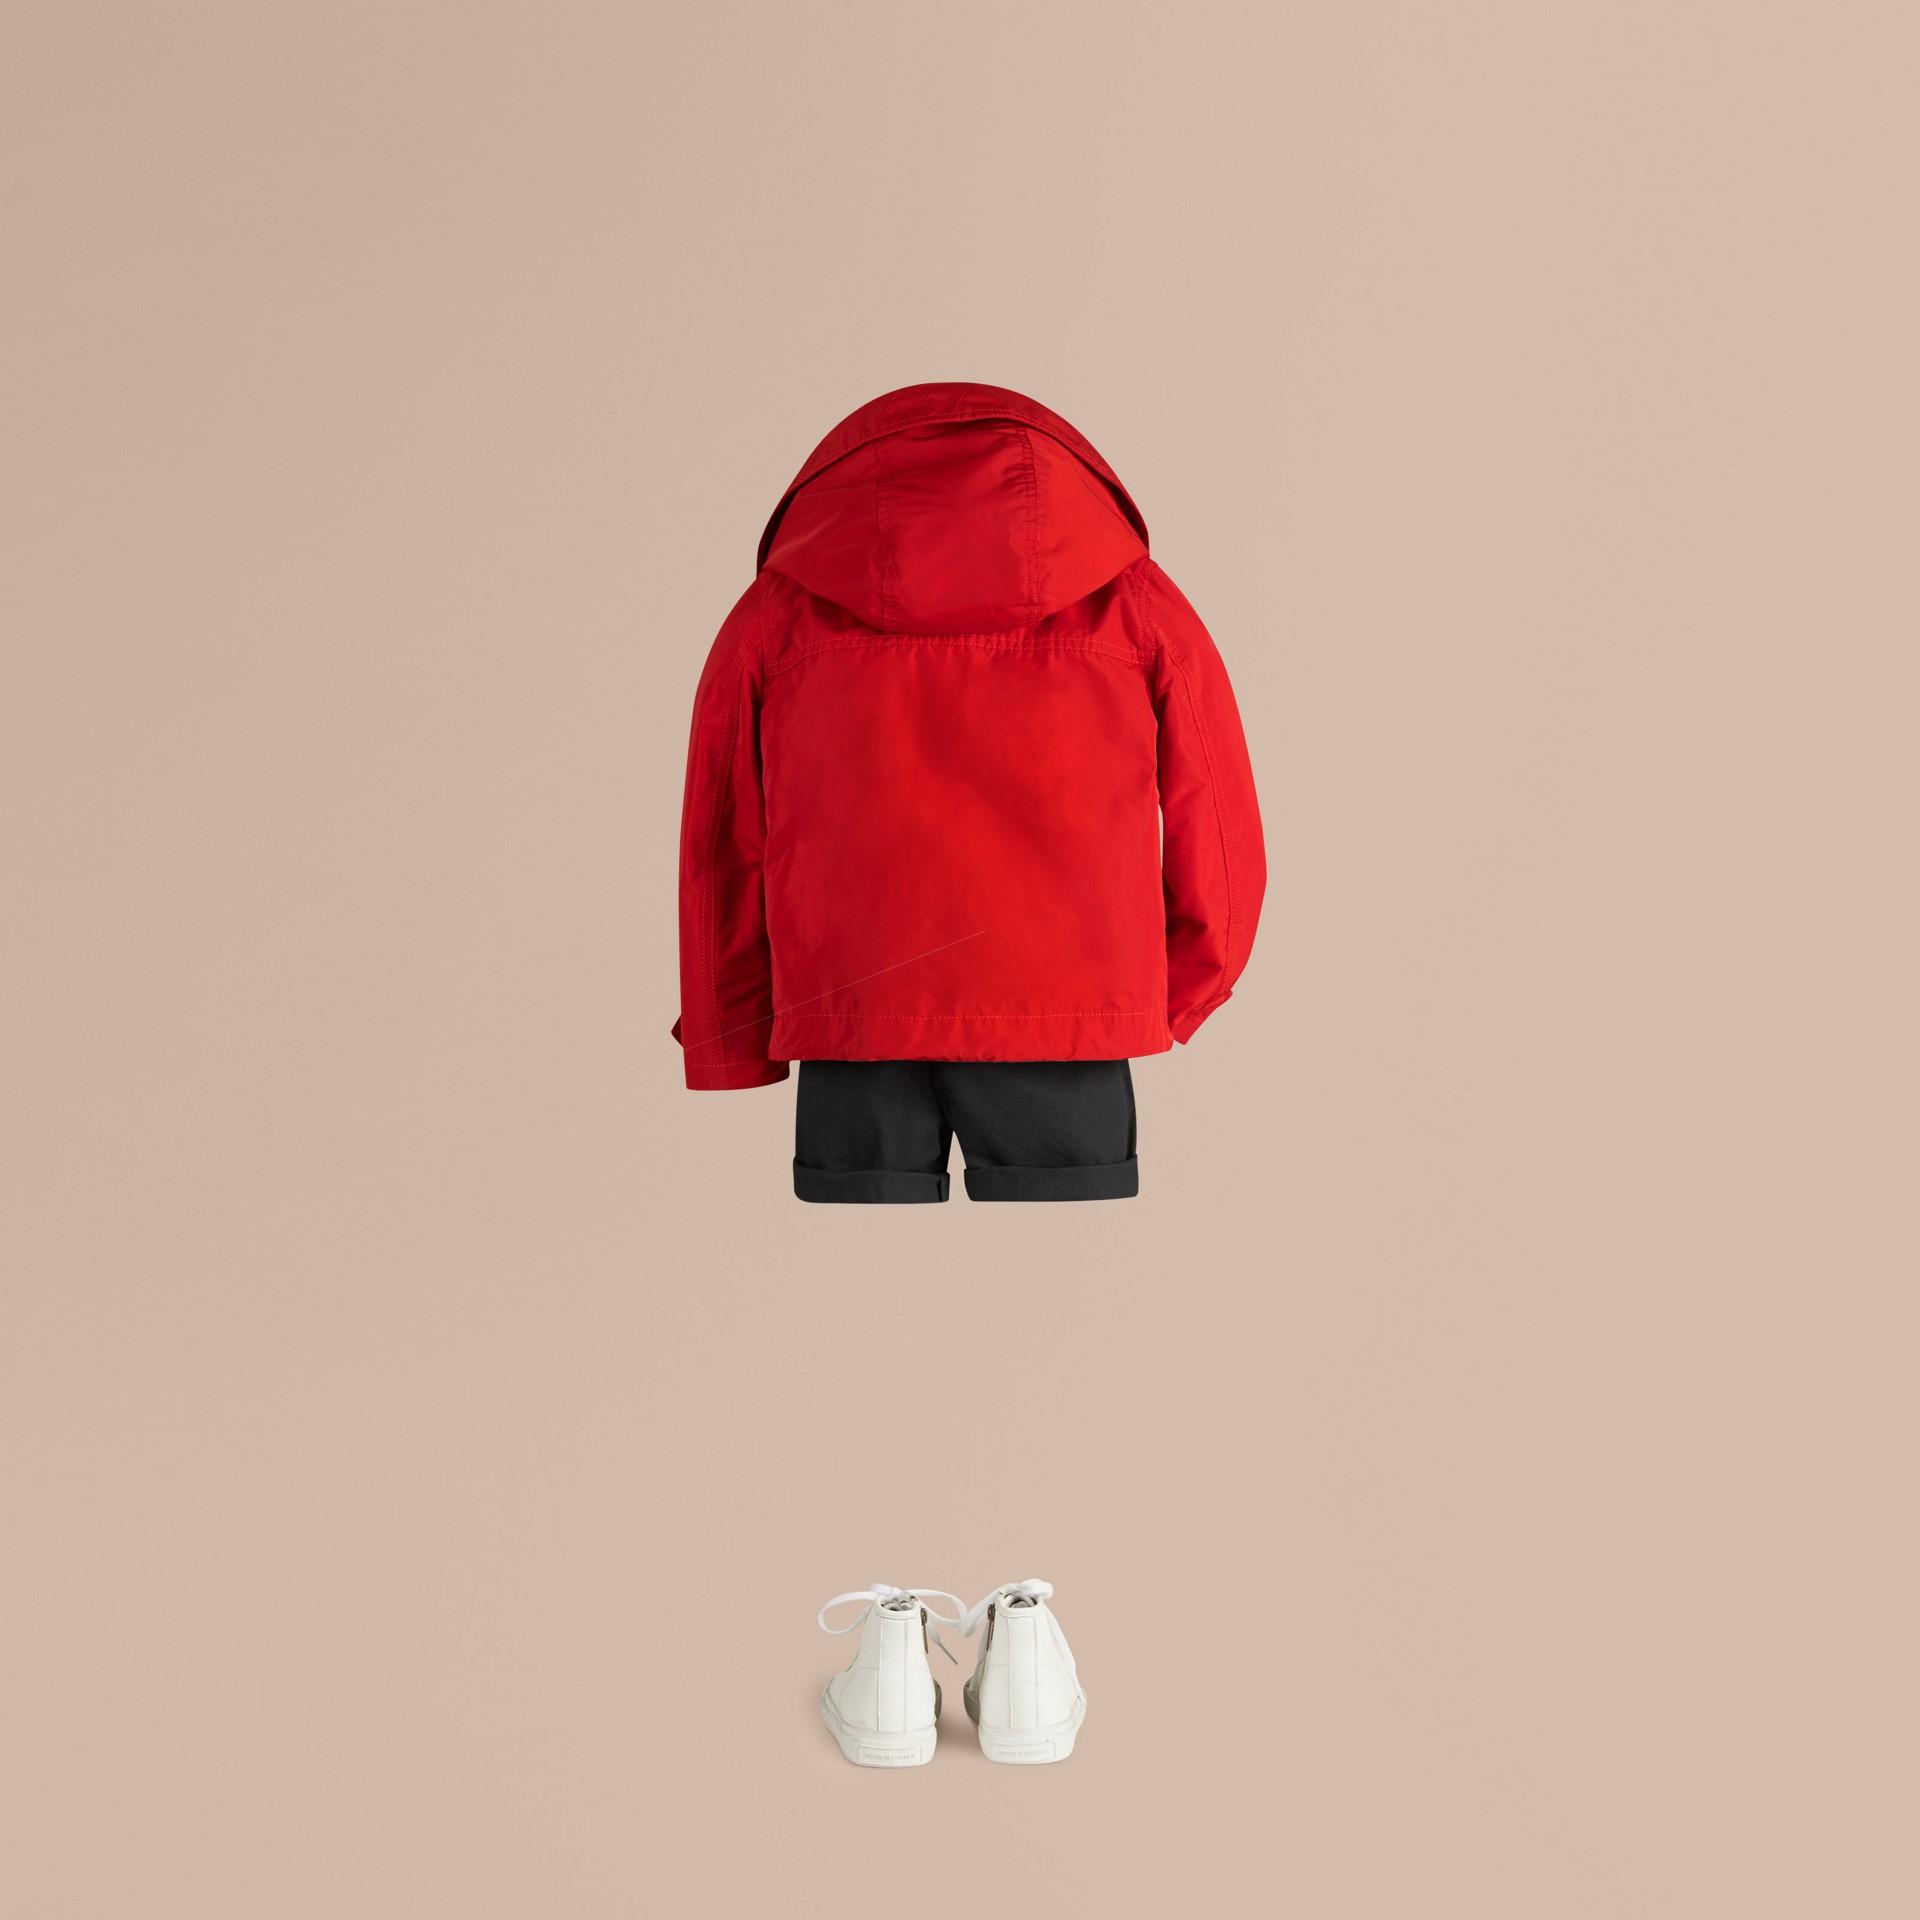 Rosso militare Giacca tecnica packaway con cappuccio Rosso Militare - immagine della galleria 4